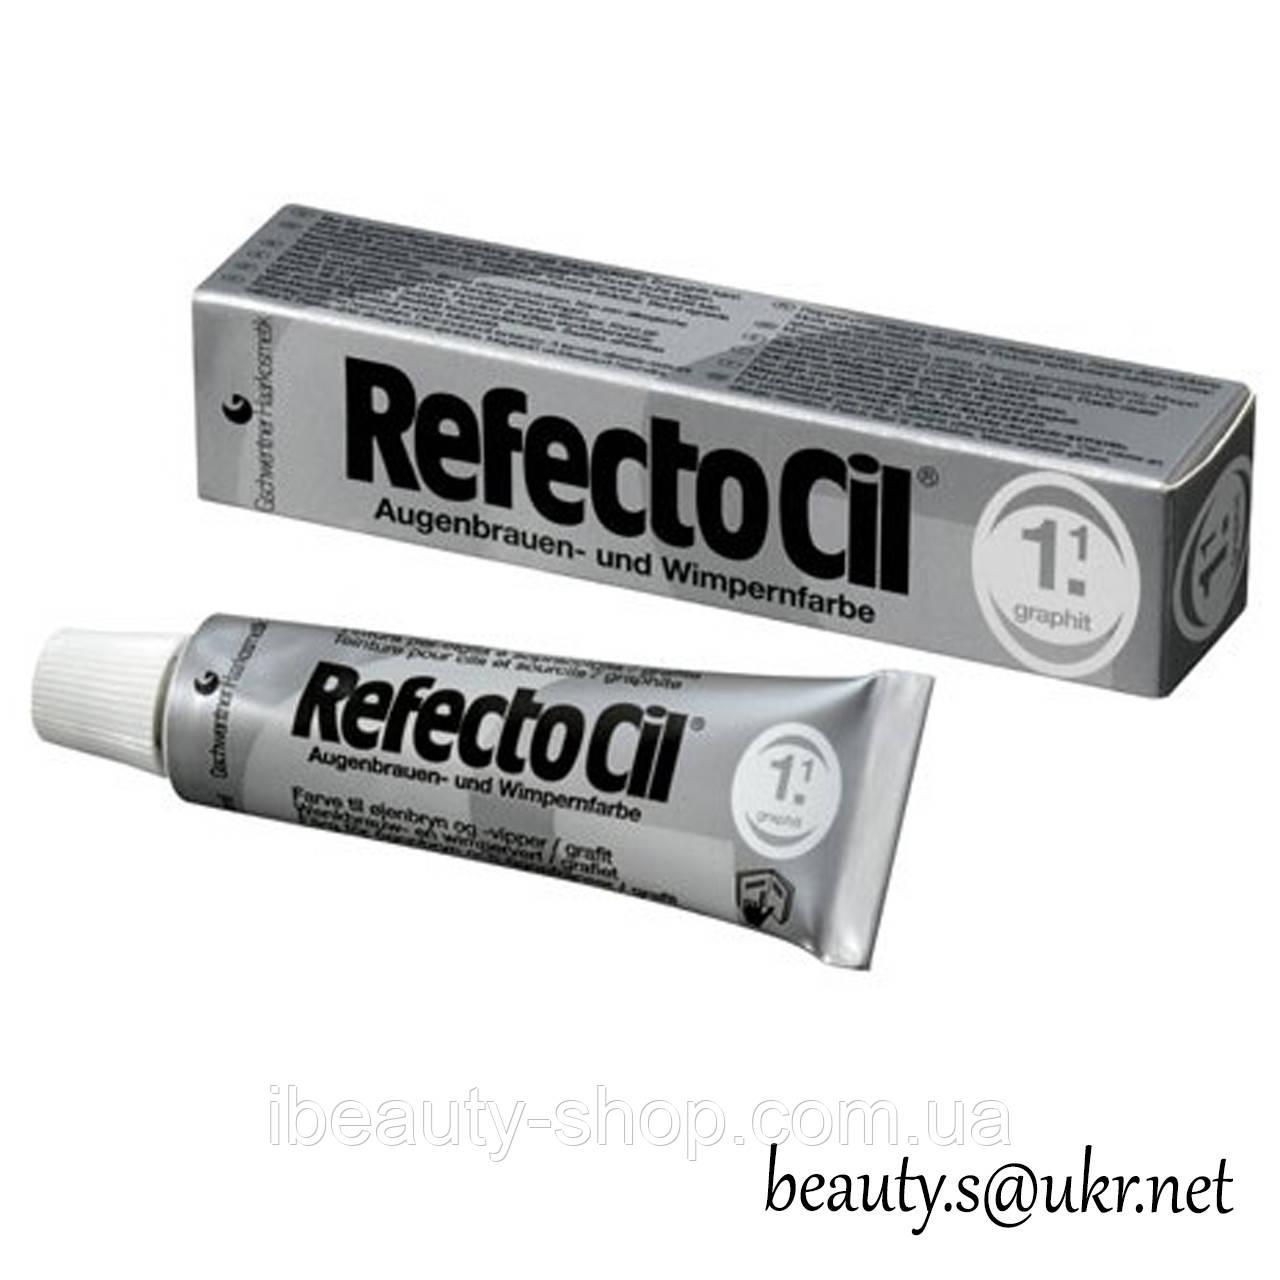 RefectoСil №1.1 Графіт фарба для брів і вій (Рефектоціл),15 мл